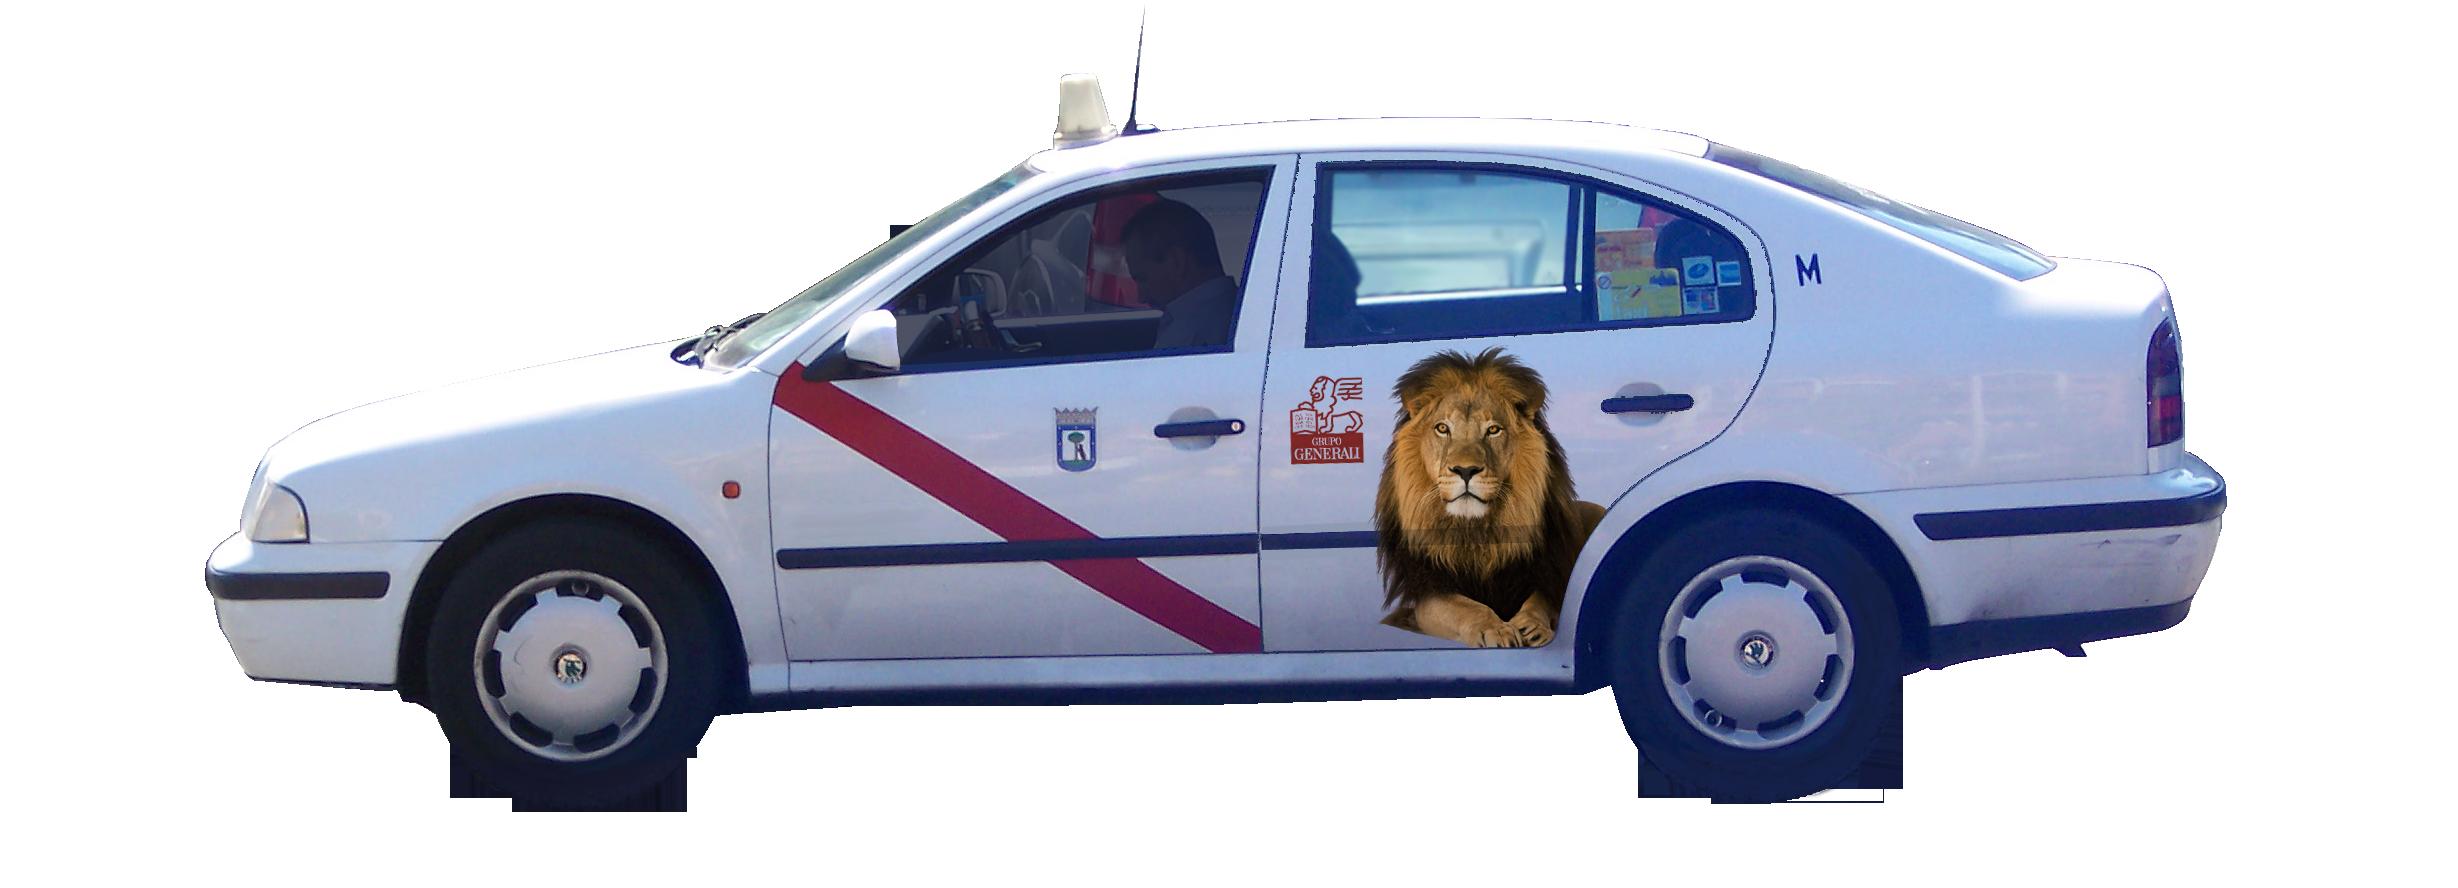 publicidad taxi Madrid GENERALI